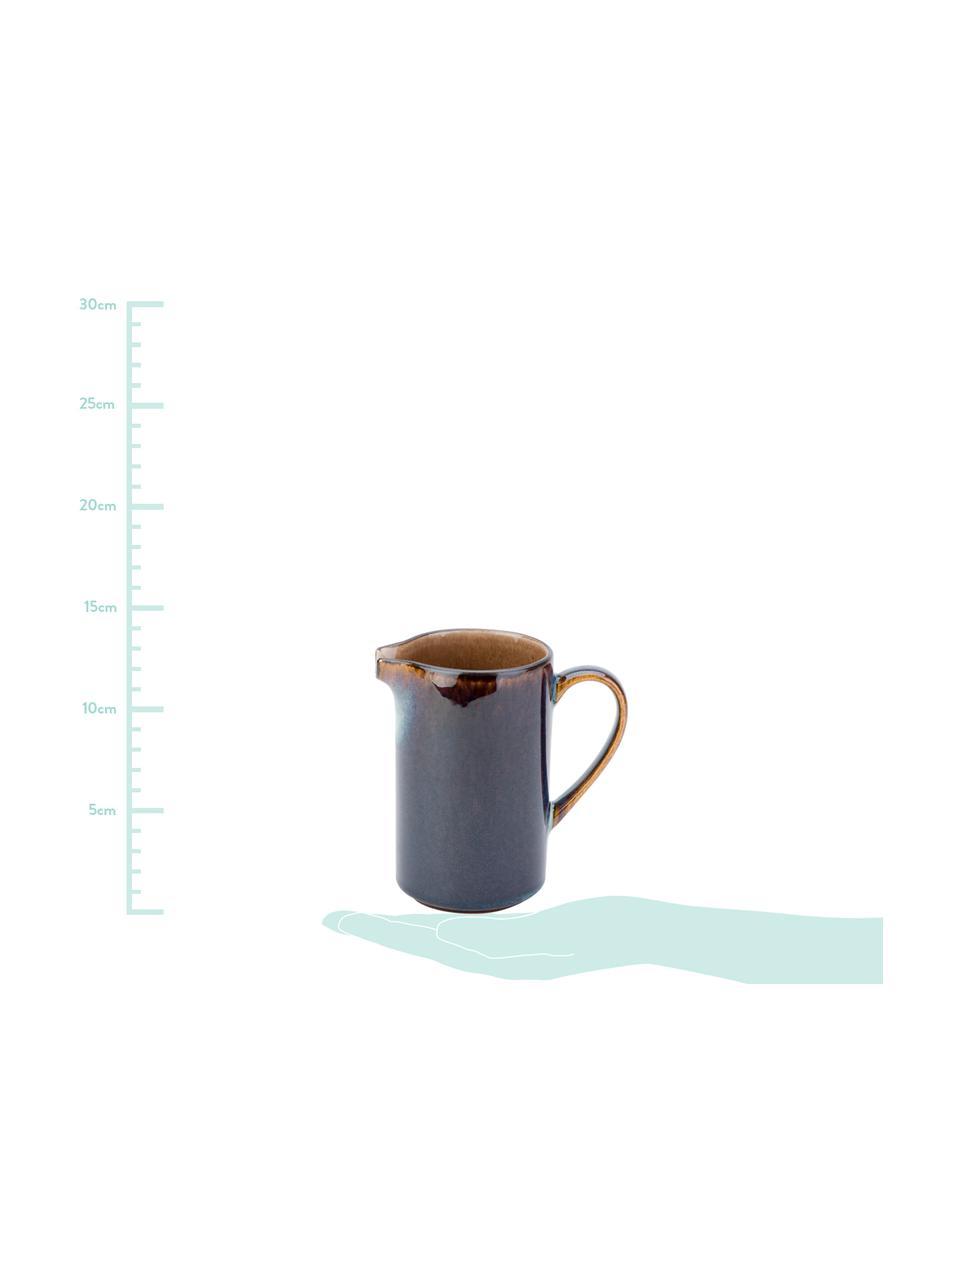 Handgemachte Porzellan Milchkanne Quintana Amber mit Farbverlauf Blau/Braun, 300 ml, Porzellan, Blau- und Brauntöne, Ø 7 x H 12 cm